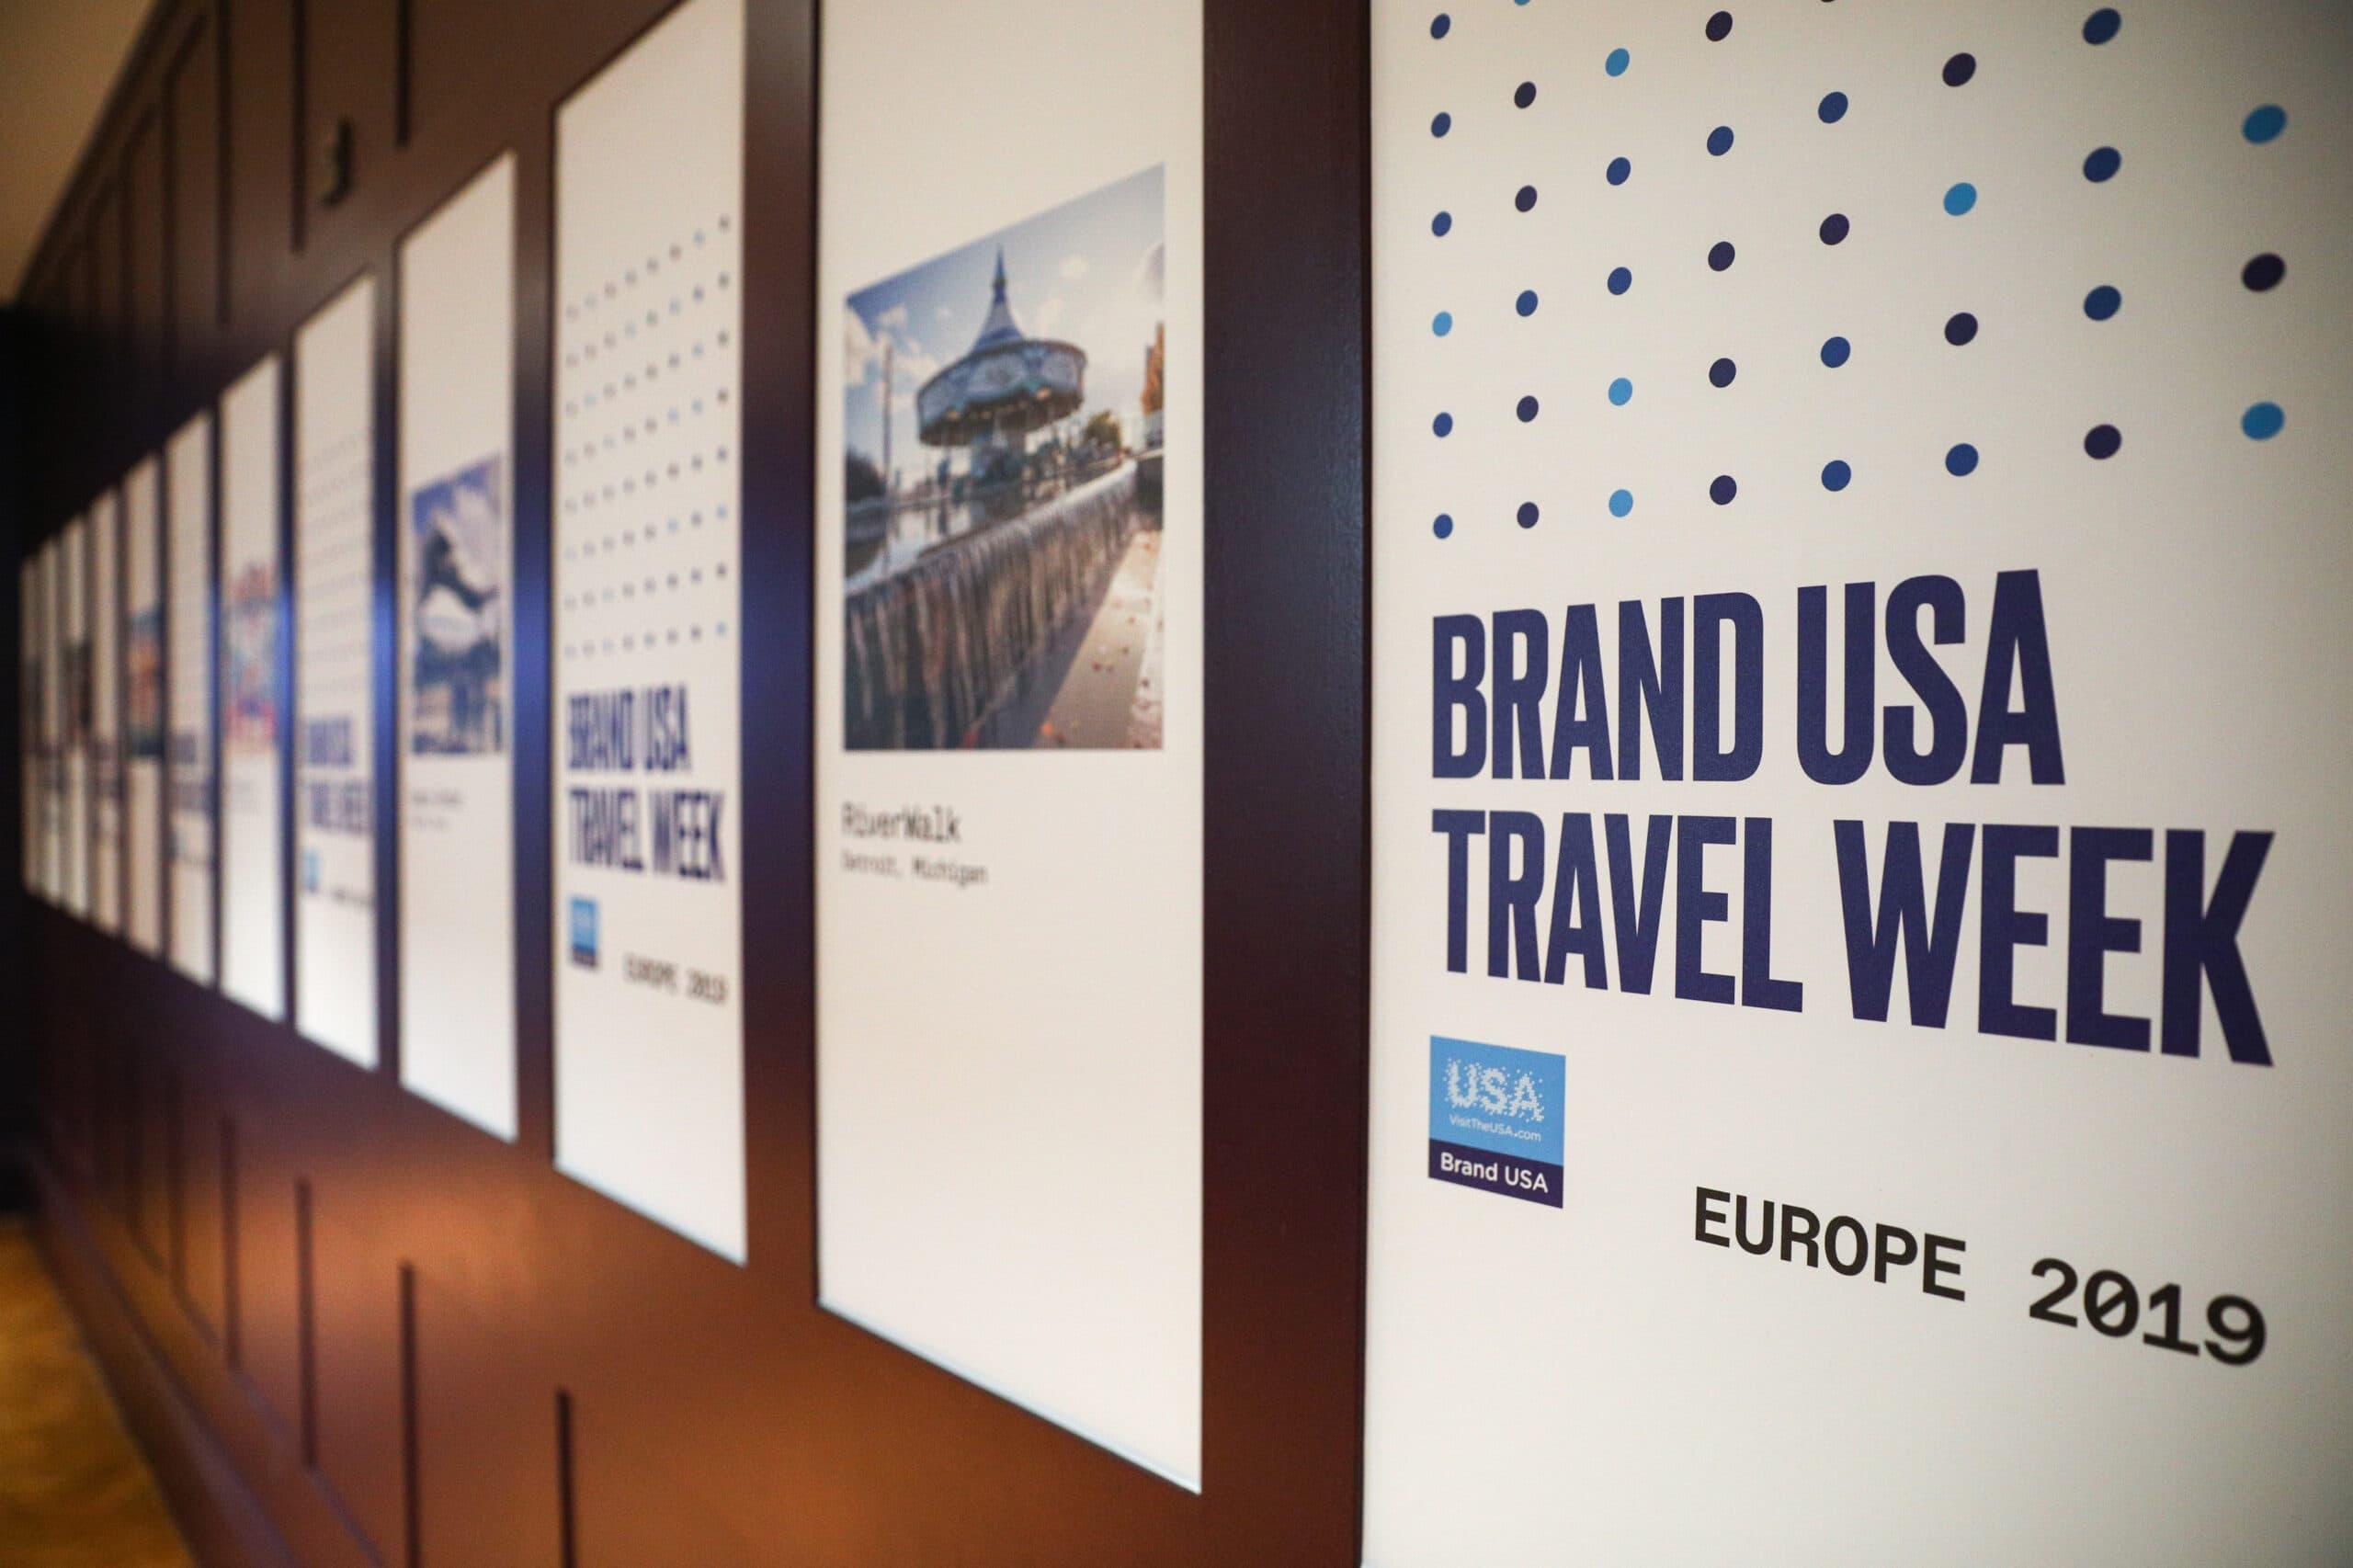 Brand-USA-Travel_Week-Poster-Wall-Citizen